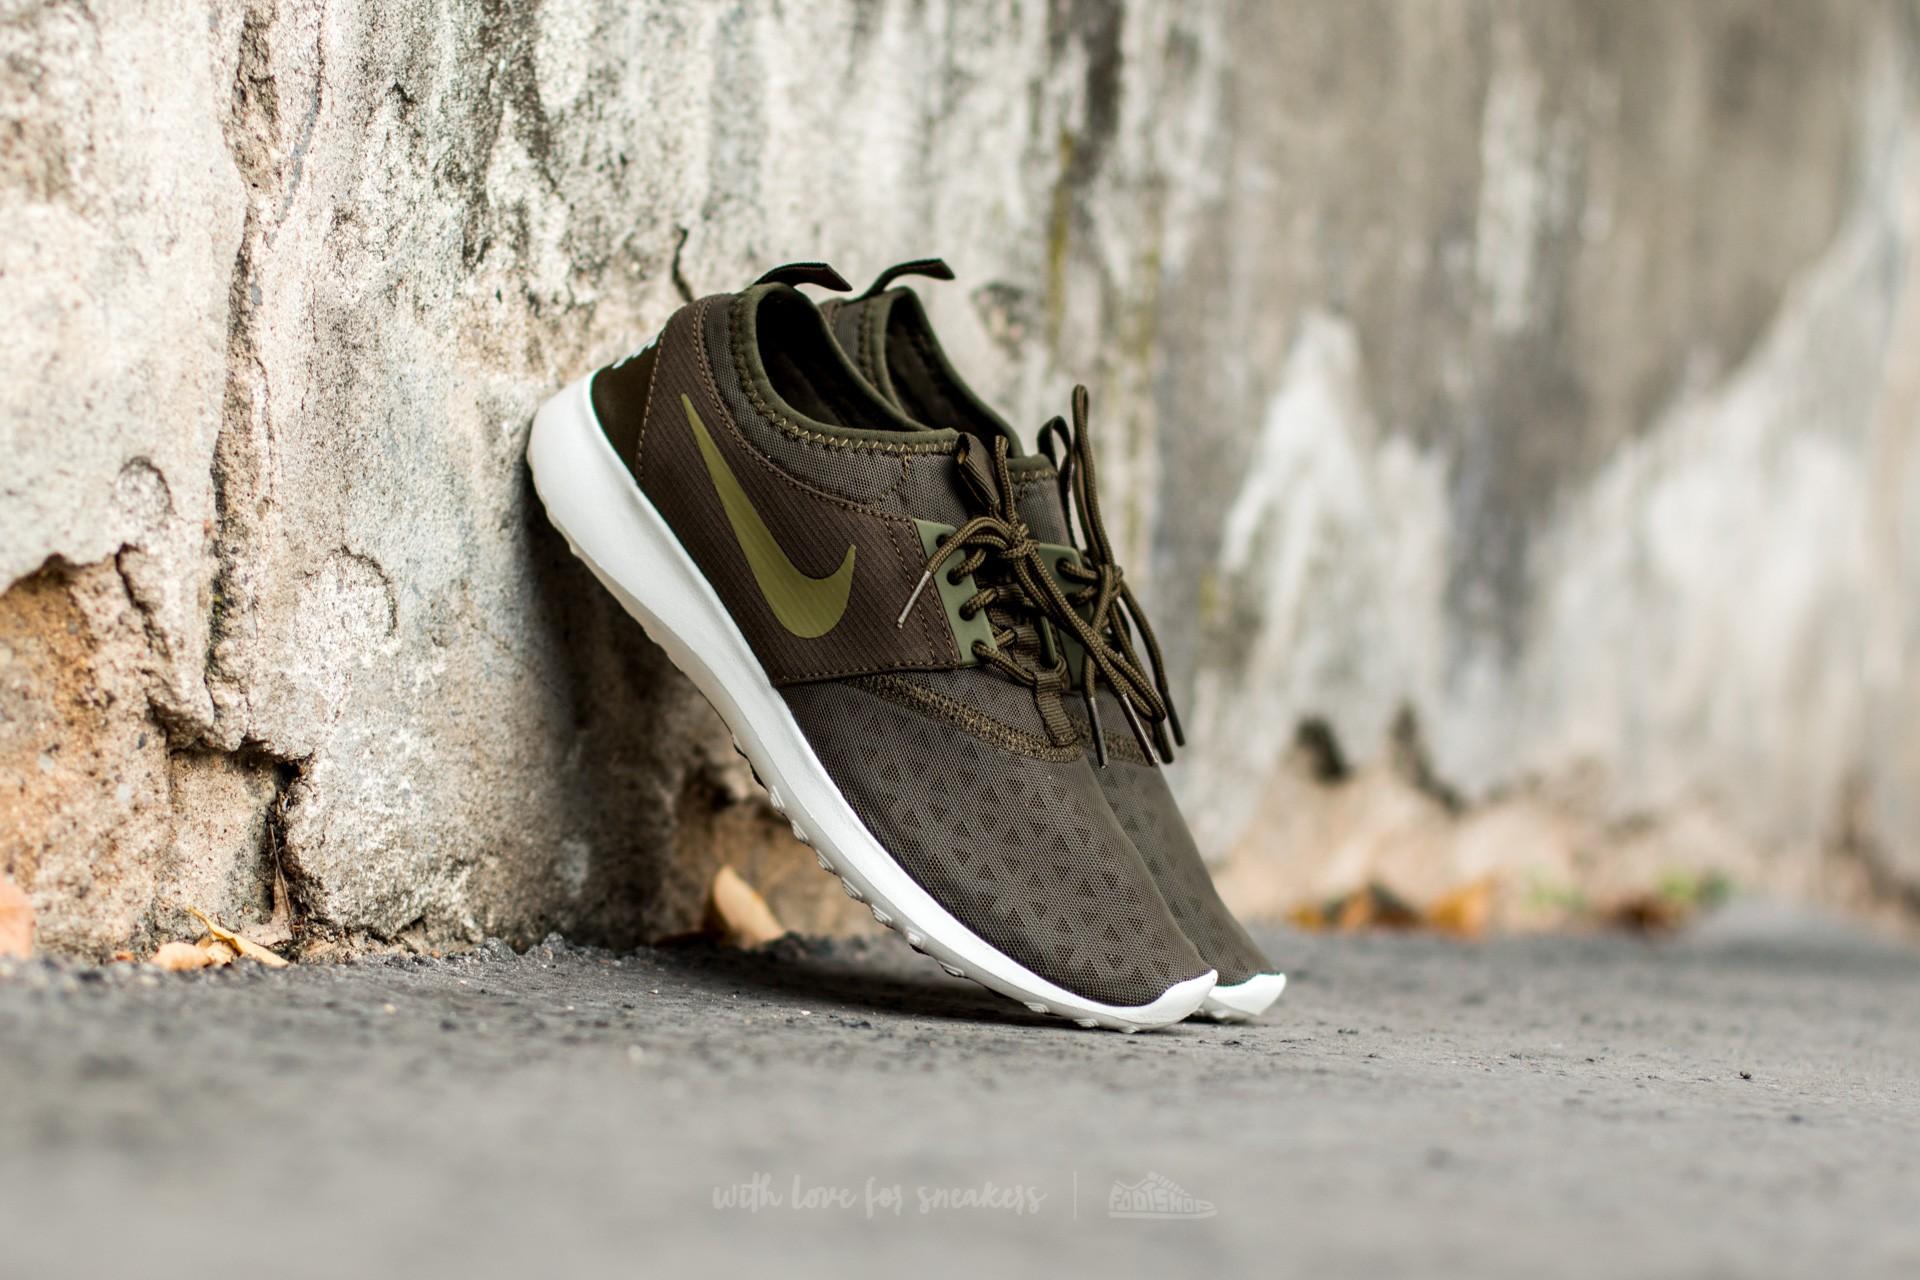 c99d6d85af81 Nike Wmns Juvenate Dark Loden  Olive Flak-Sail